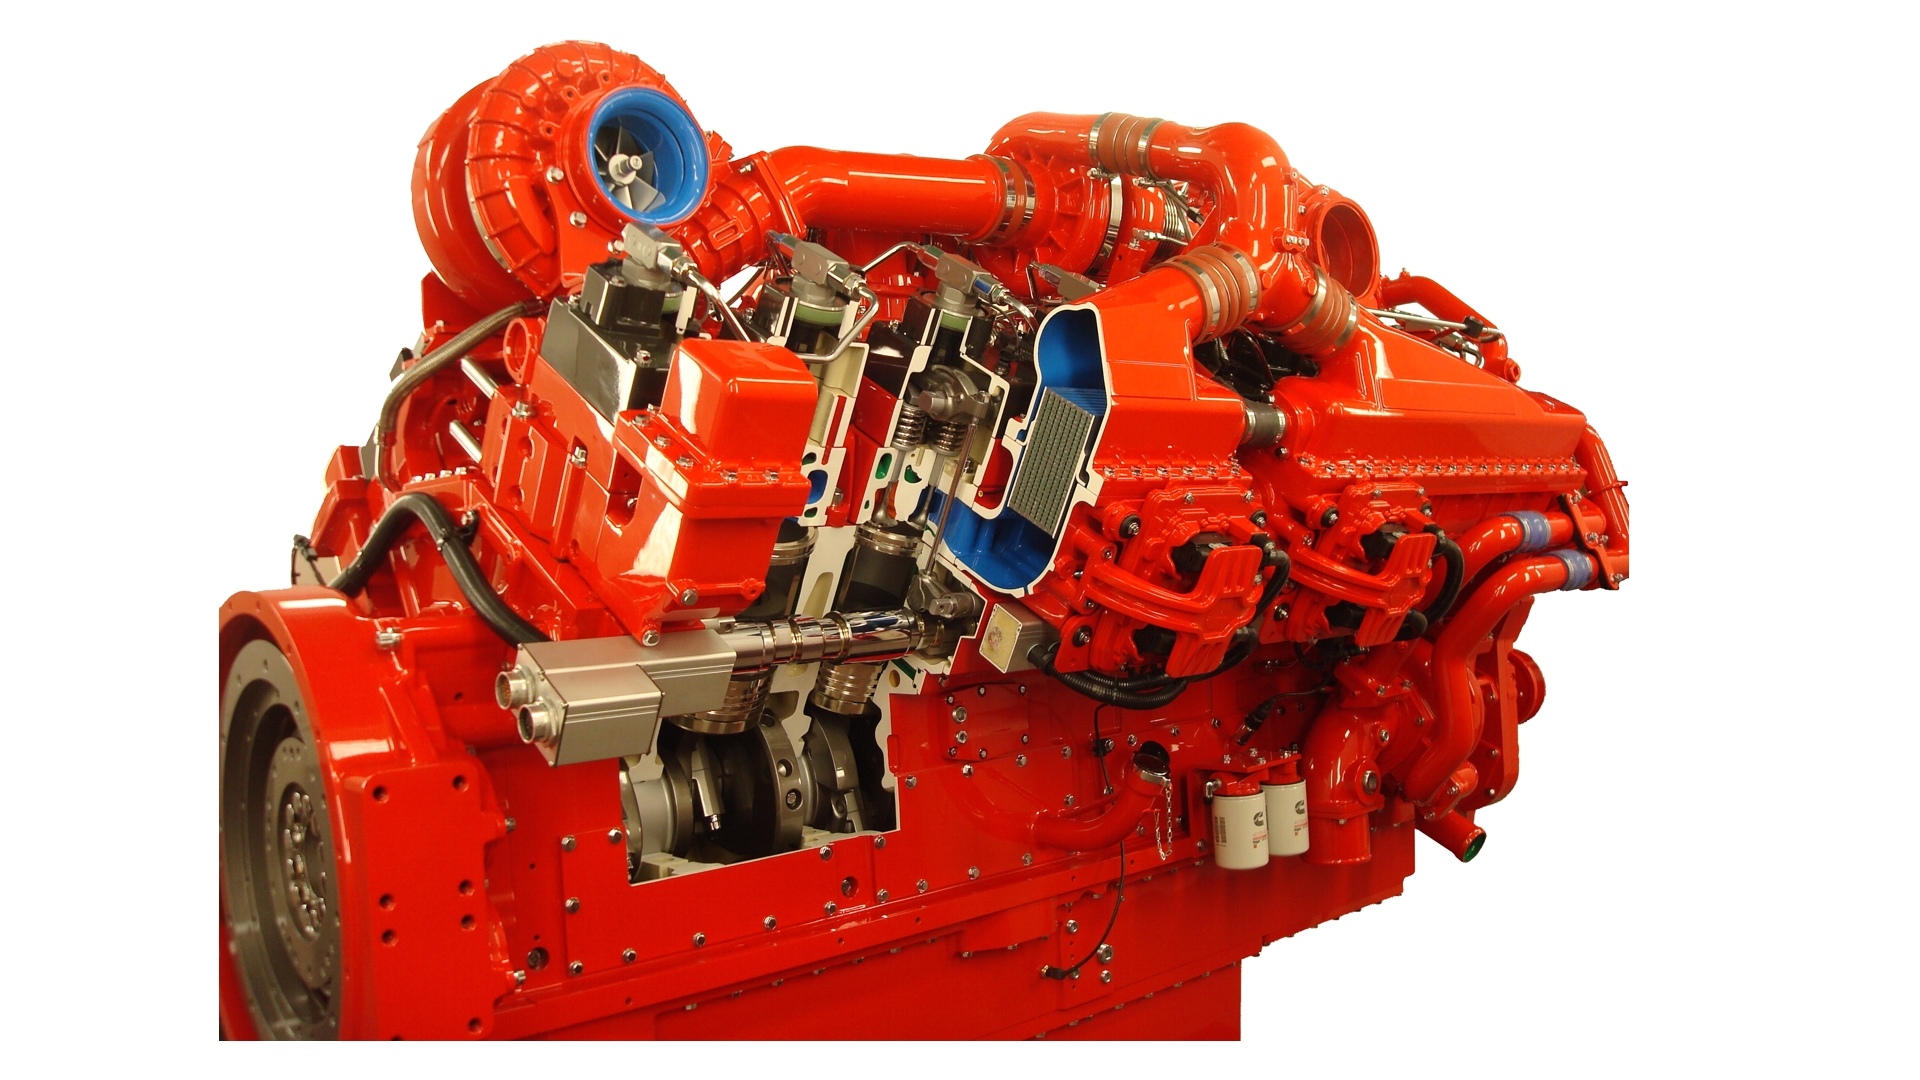 Cummins Diesel Engine Cutaway Display